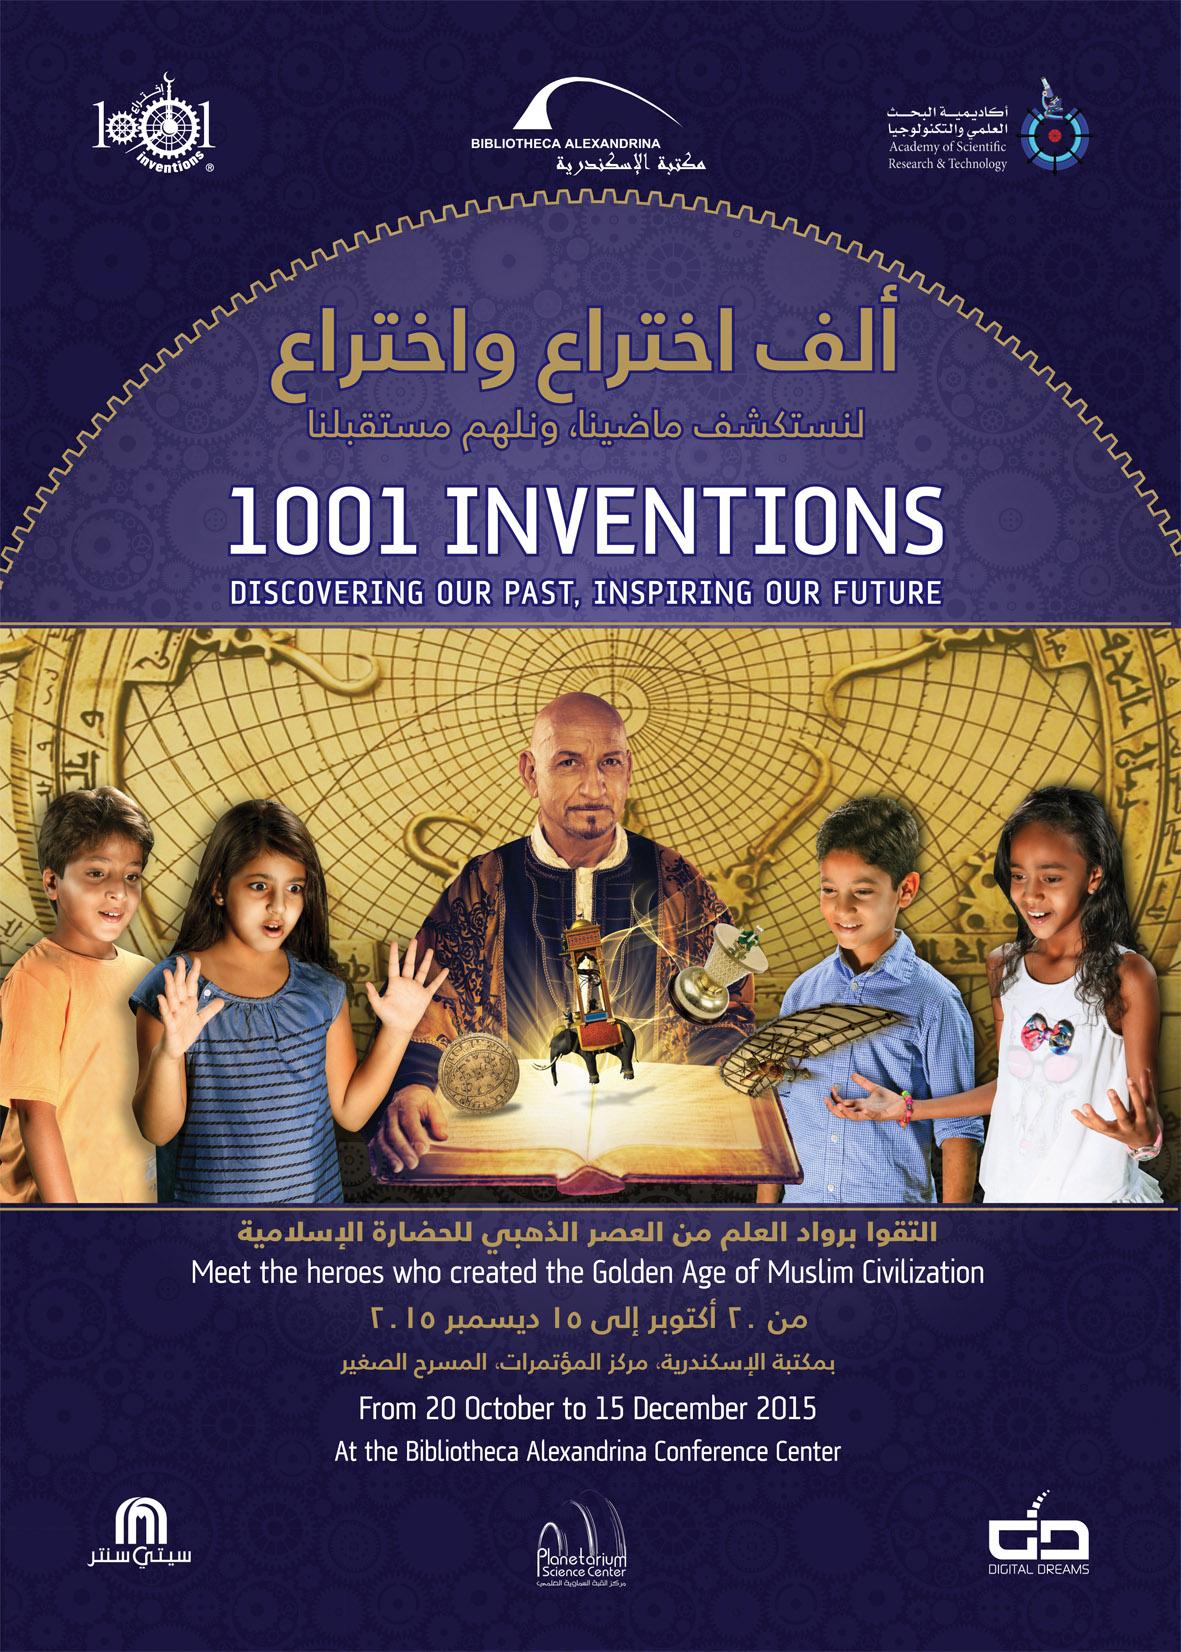 1001 Inventions Exhibition   Ecsite